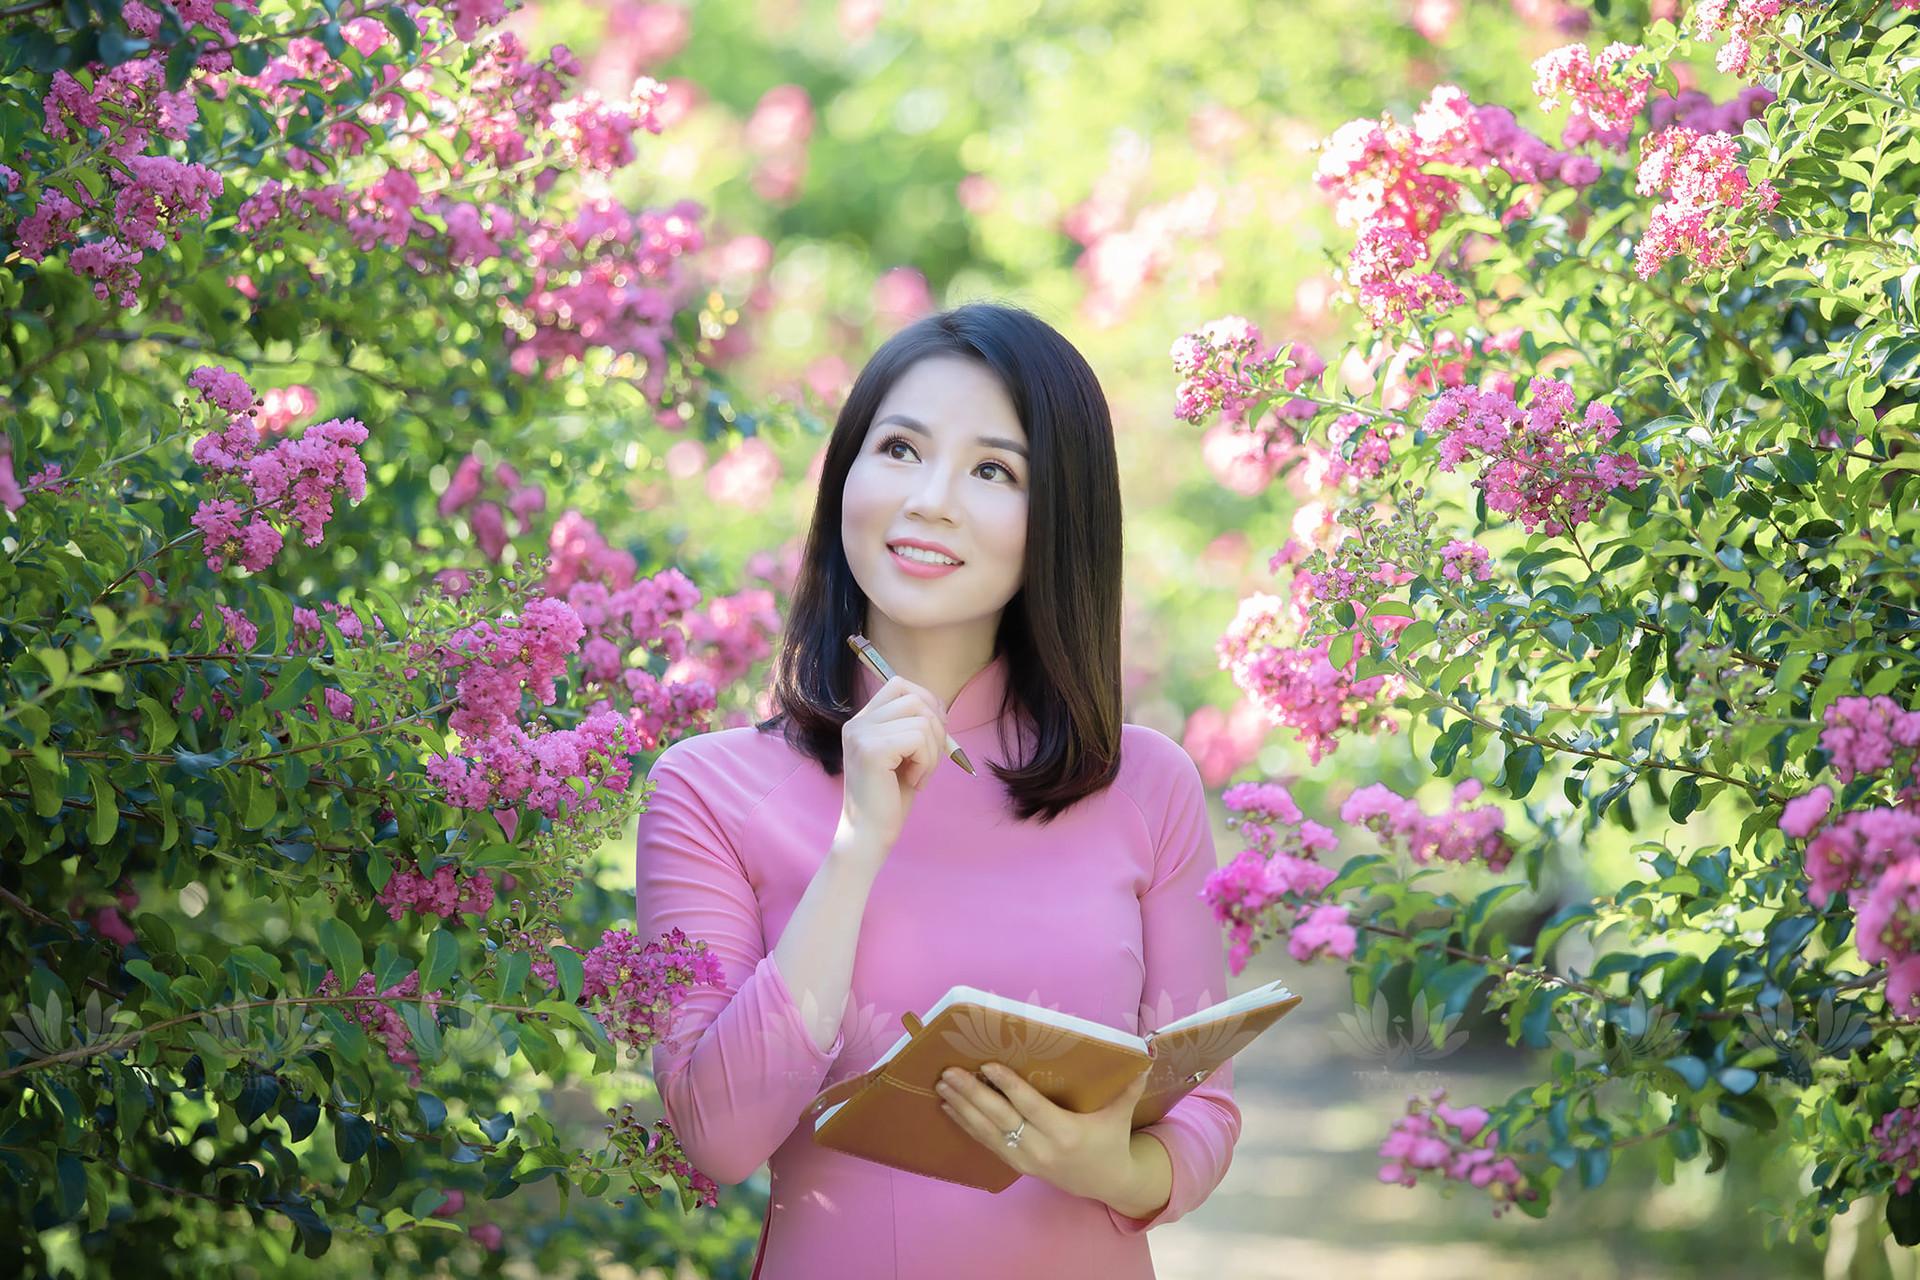 Mê mẩn đường hoa tường vi, đẹp tựa vườn thượng uyển ở trời Âu - 4